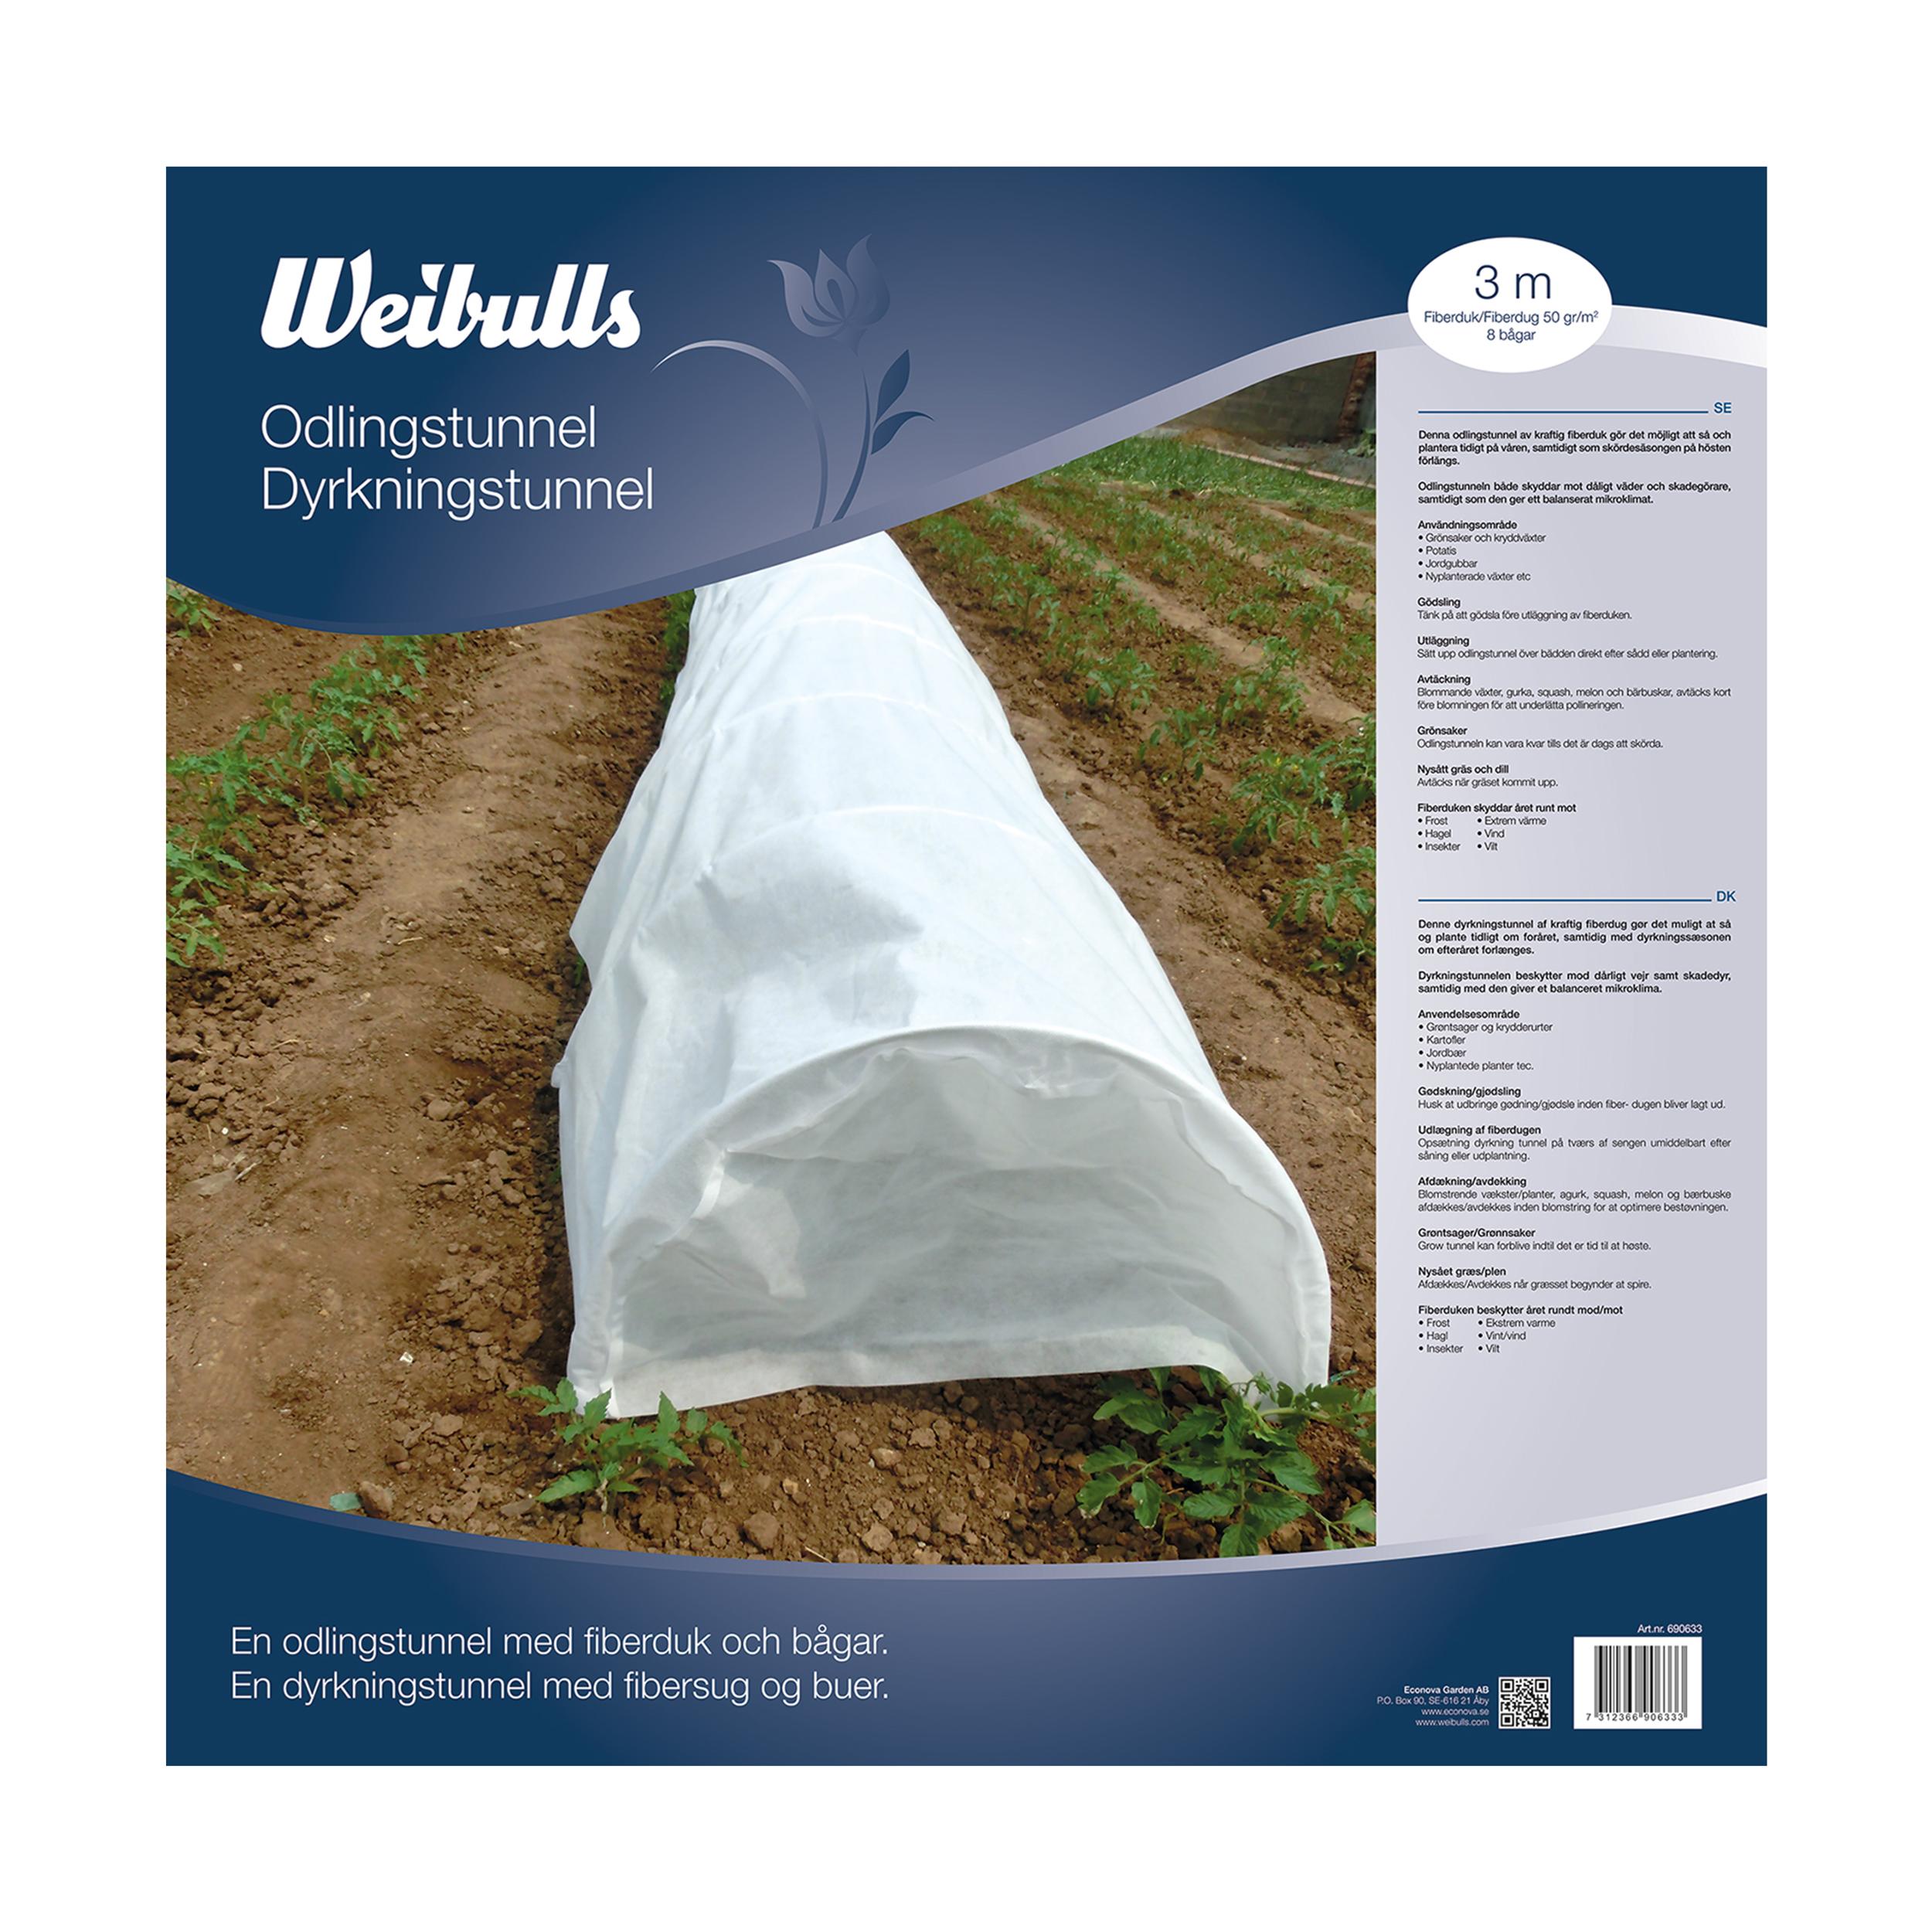 Produktbild på Odlingstunnel Weibulls